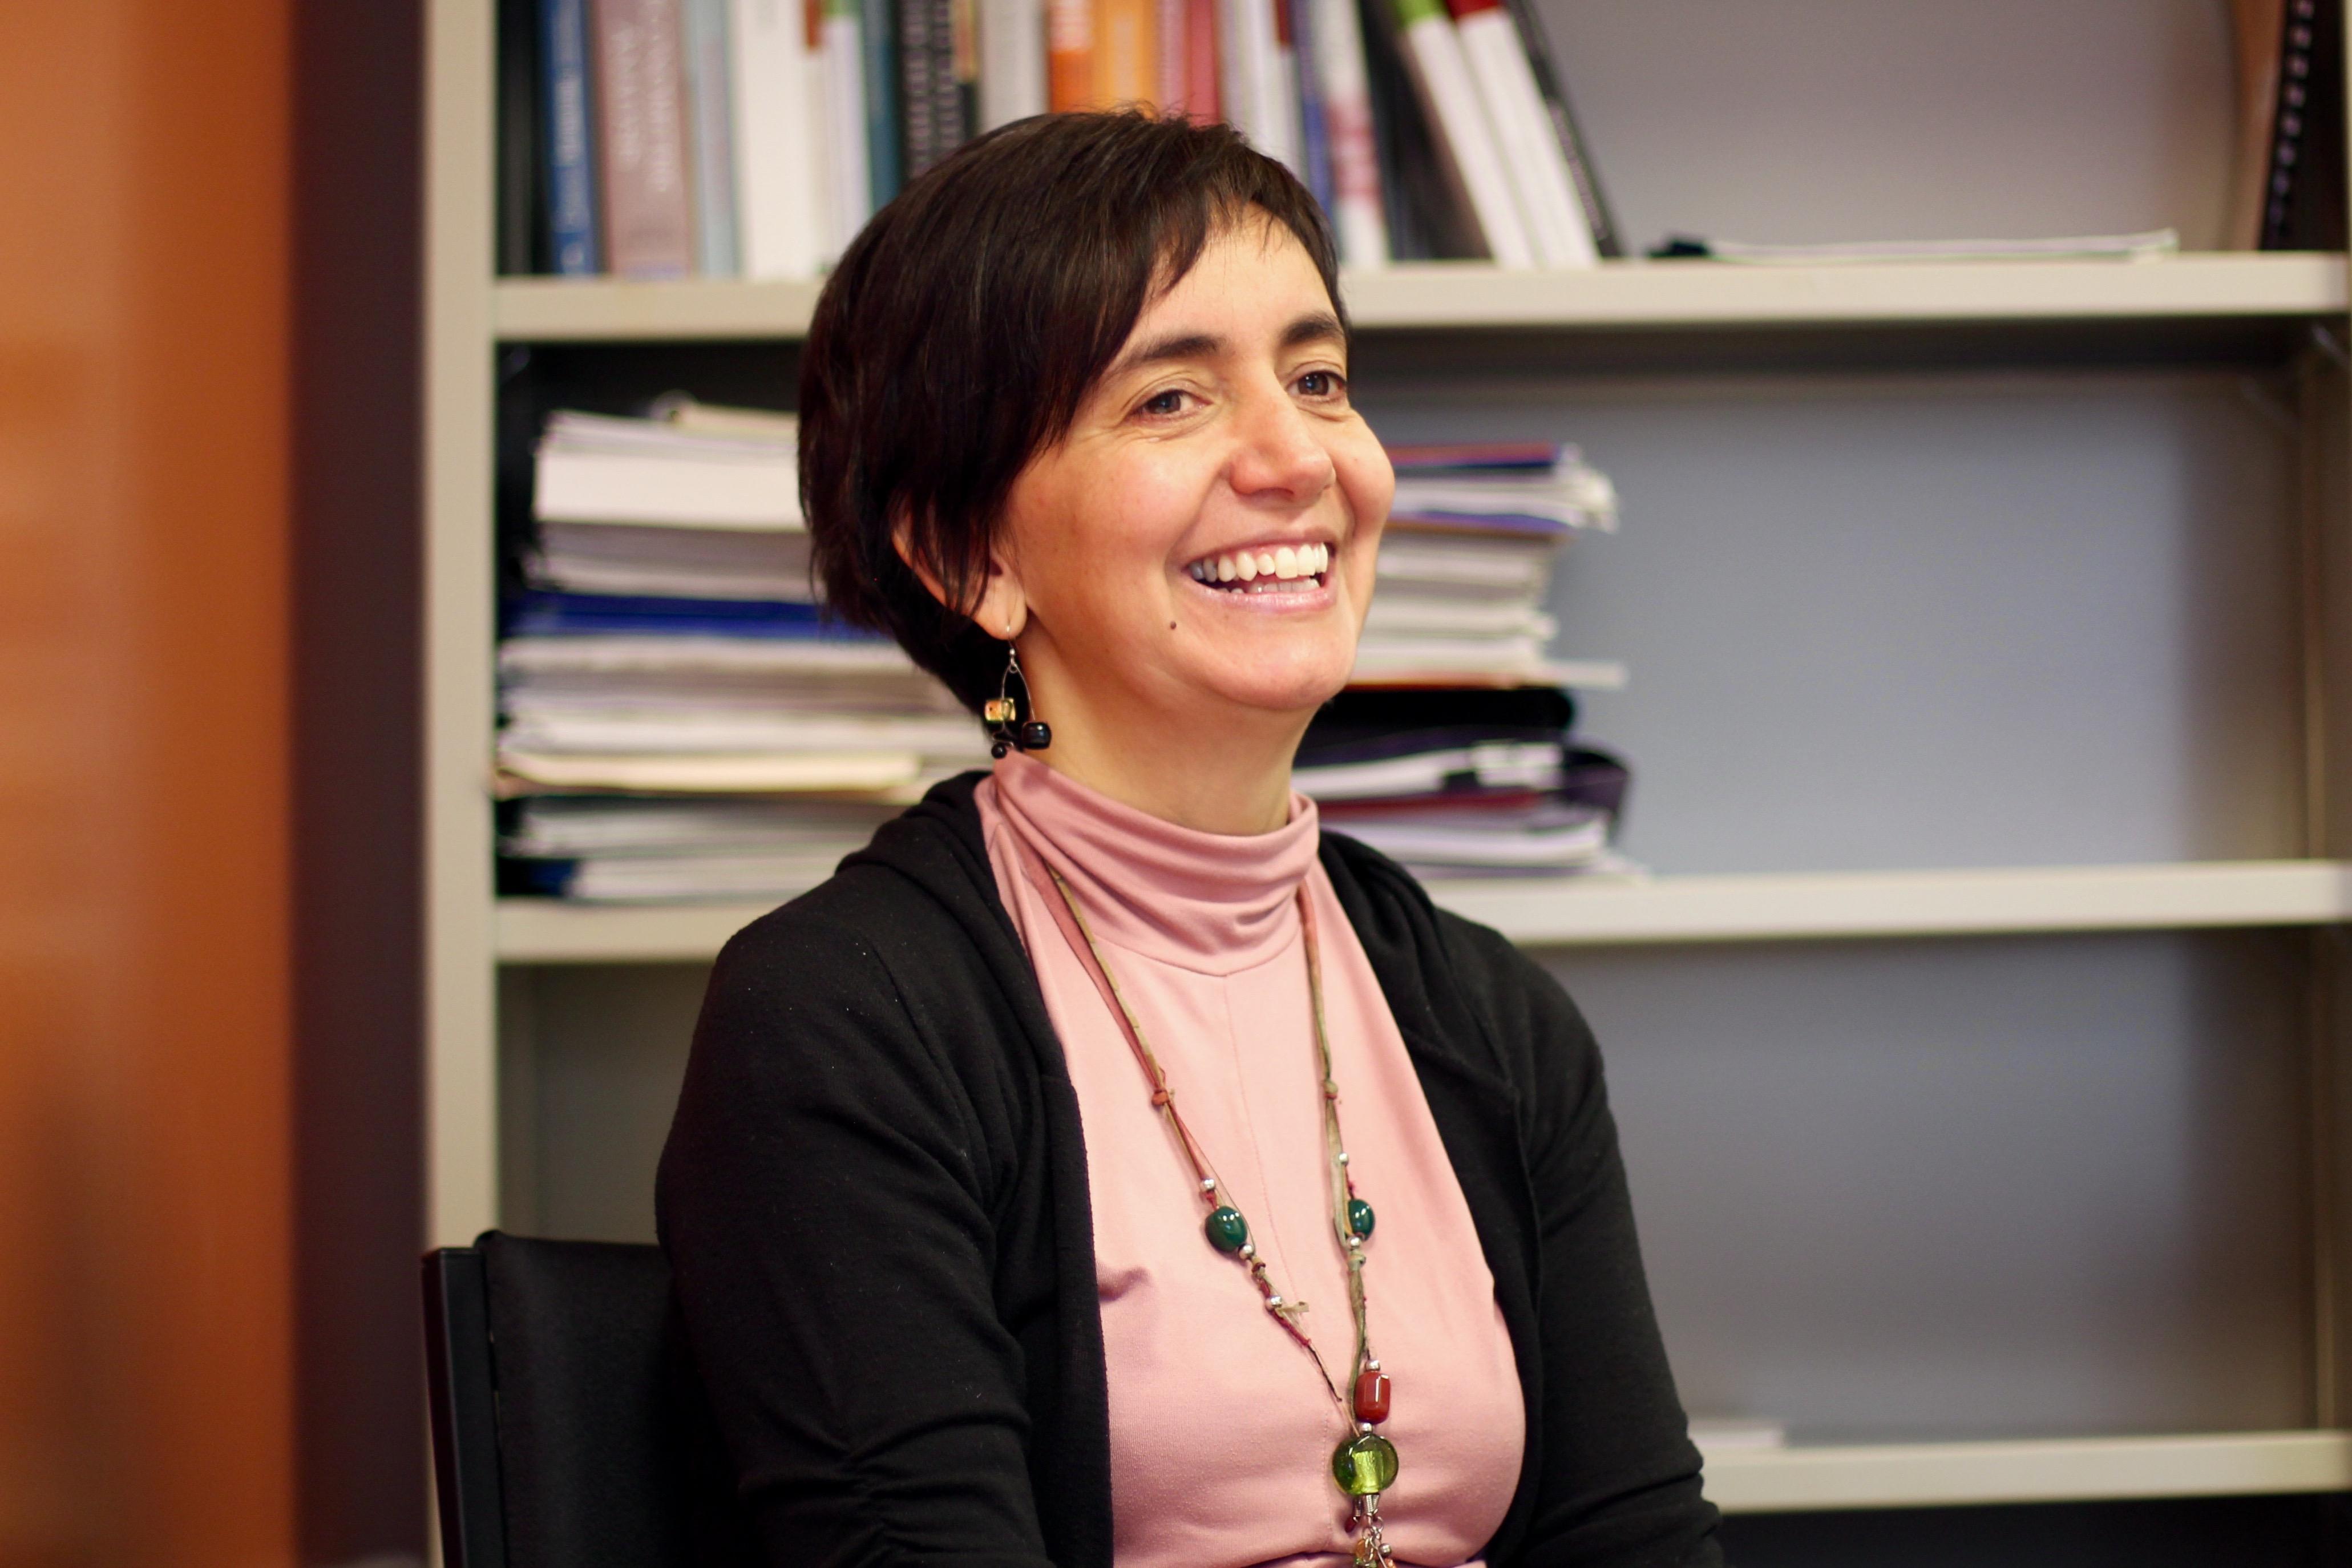 Sonia Tello Rozas